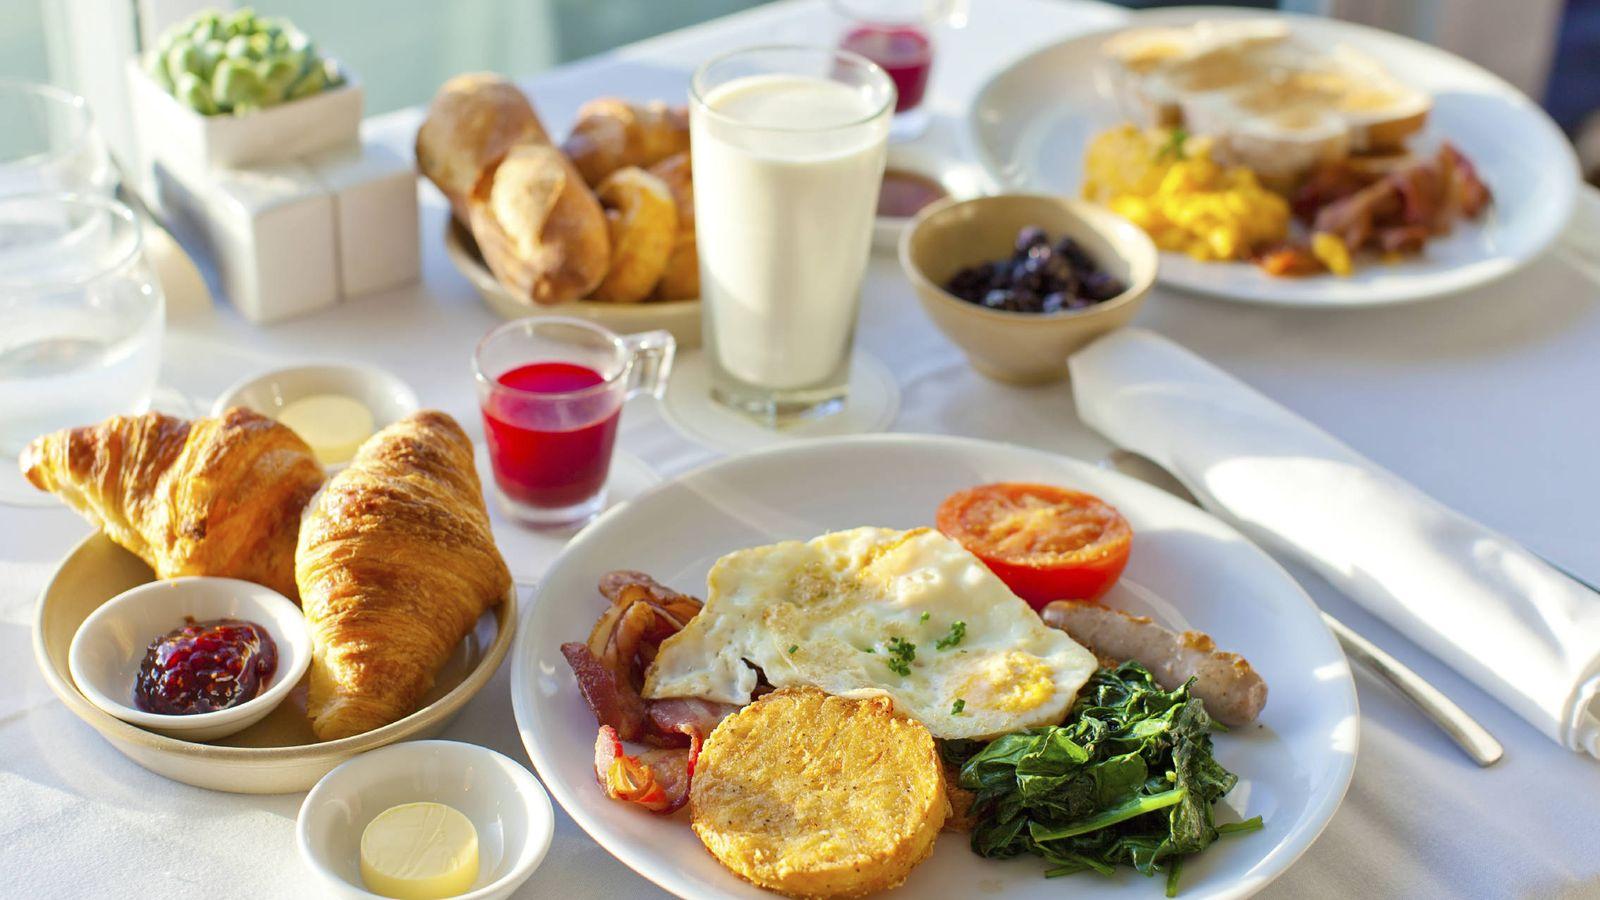 Trucos Adelgazar Los Mejores Desayunos Saciantes Para Tomar Por La Mañana Y Adelgazar